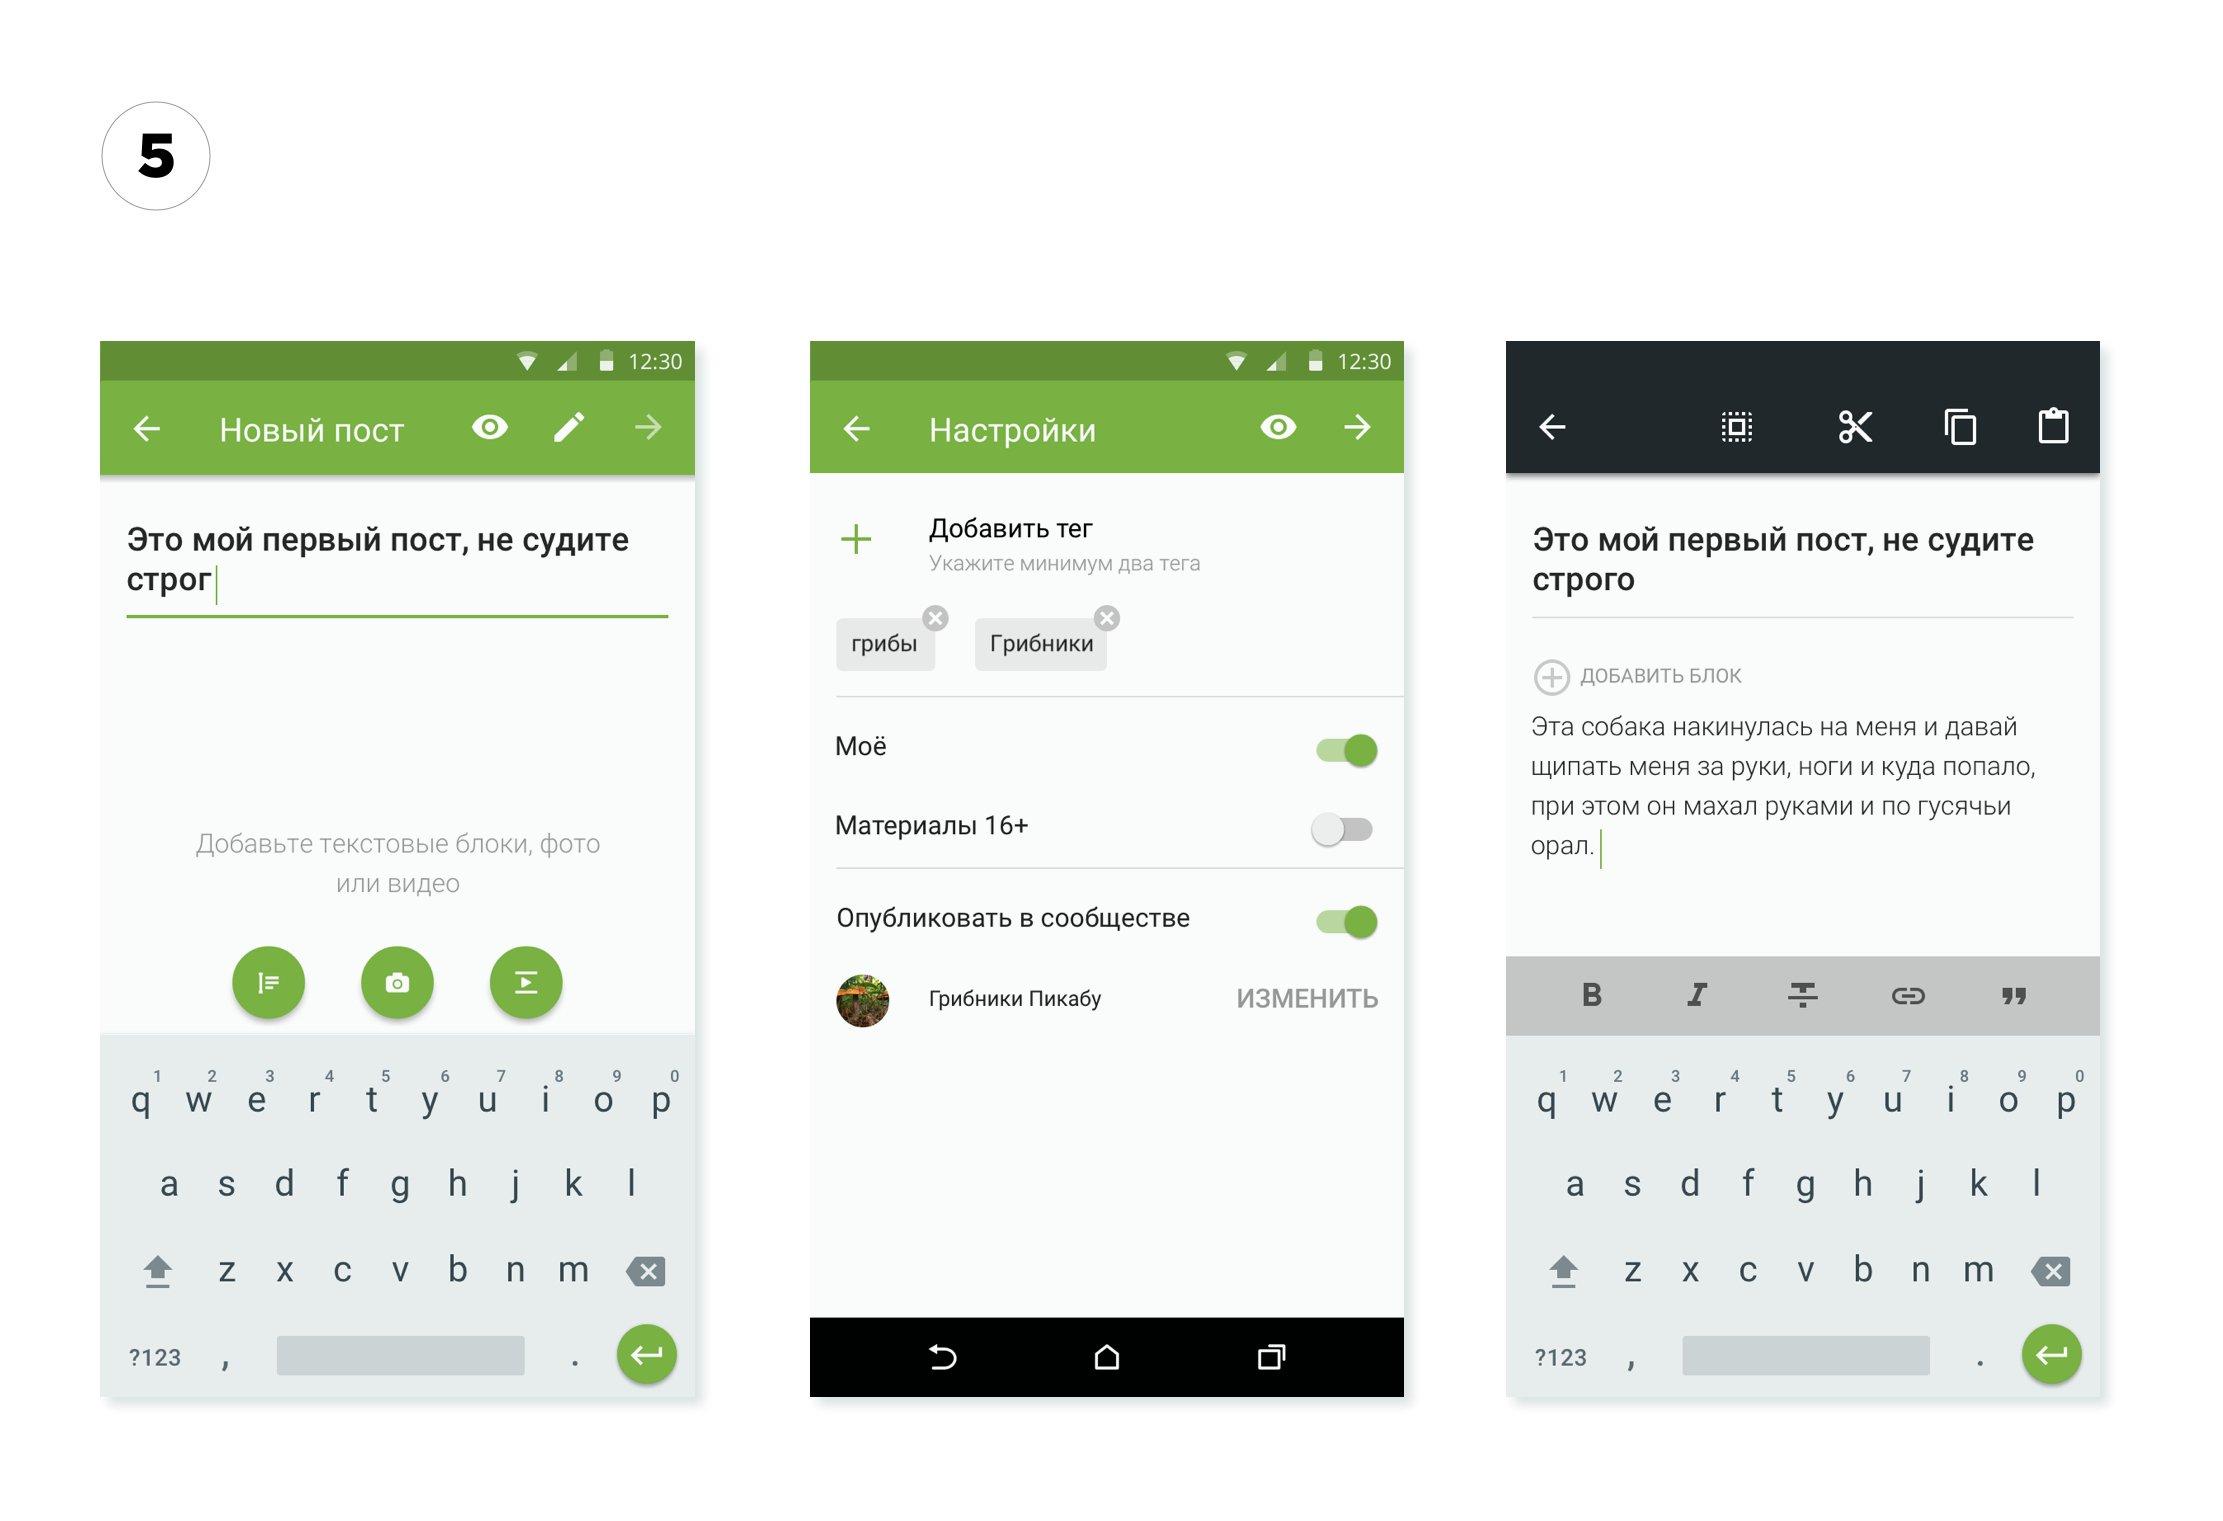 Редизайн мобильного приложения Pikabu